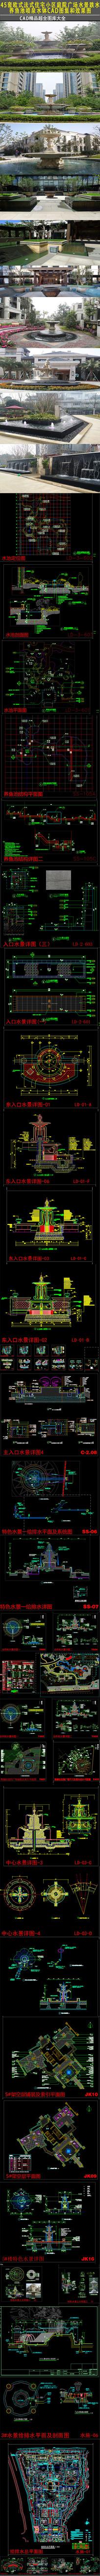 45套小区别墅广场水景庭院CAD施工图集